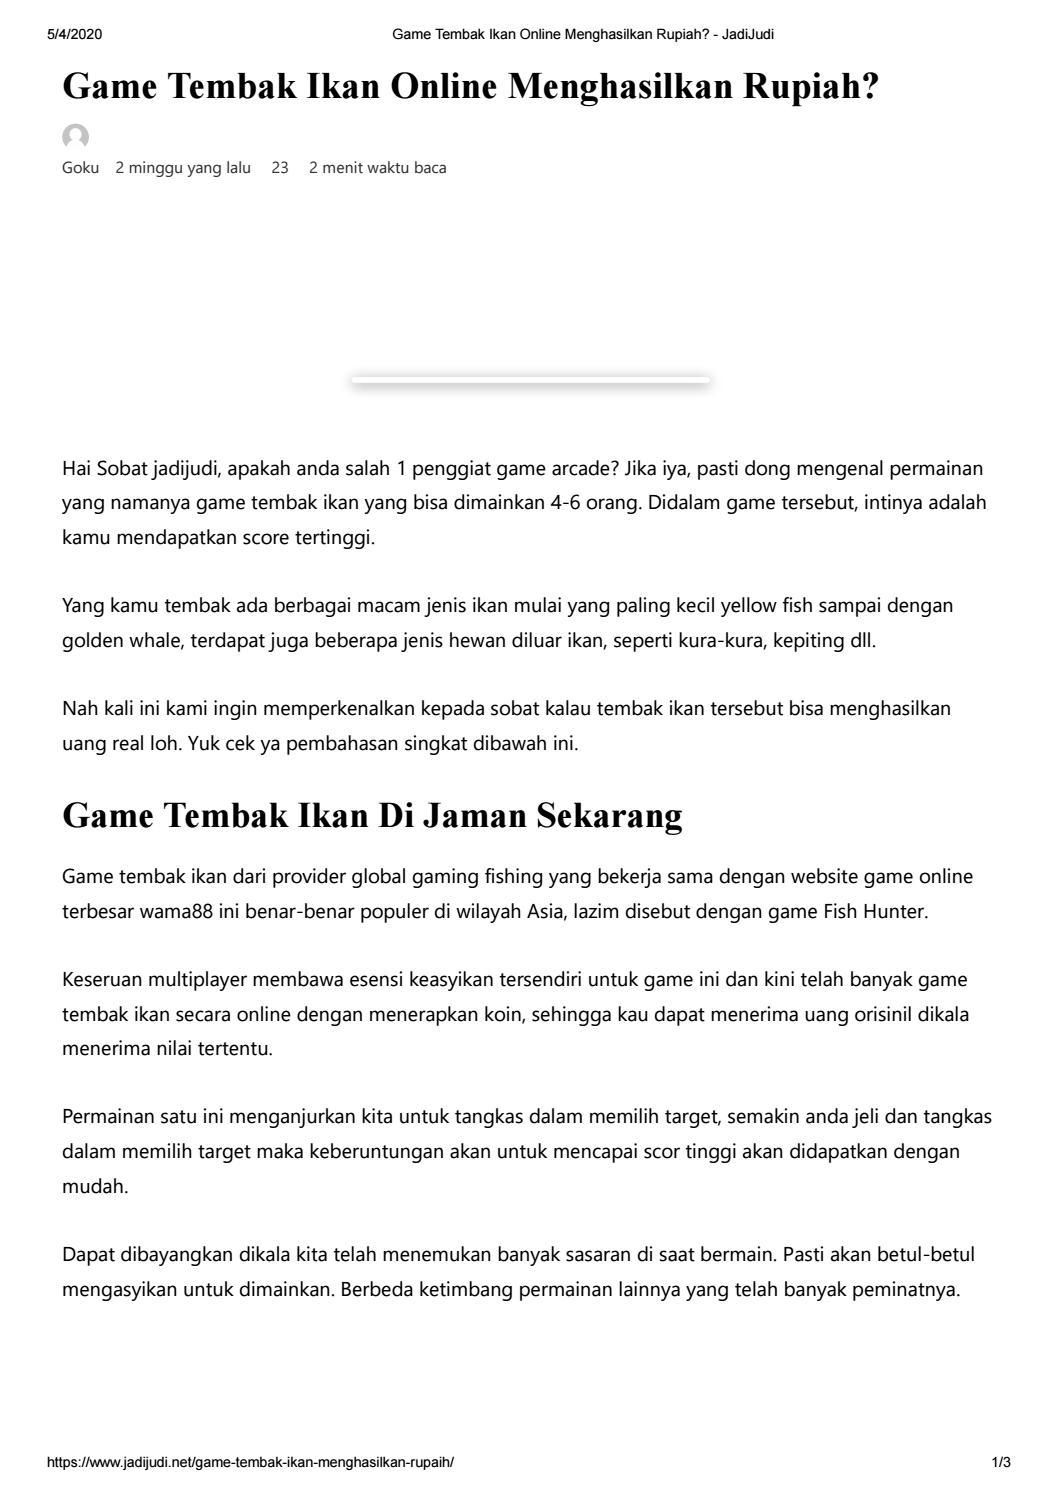 Game Tembak Ikan Online Menghasilkan Rupiah By Aresha Ravan Arabella Issuu